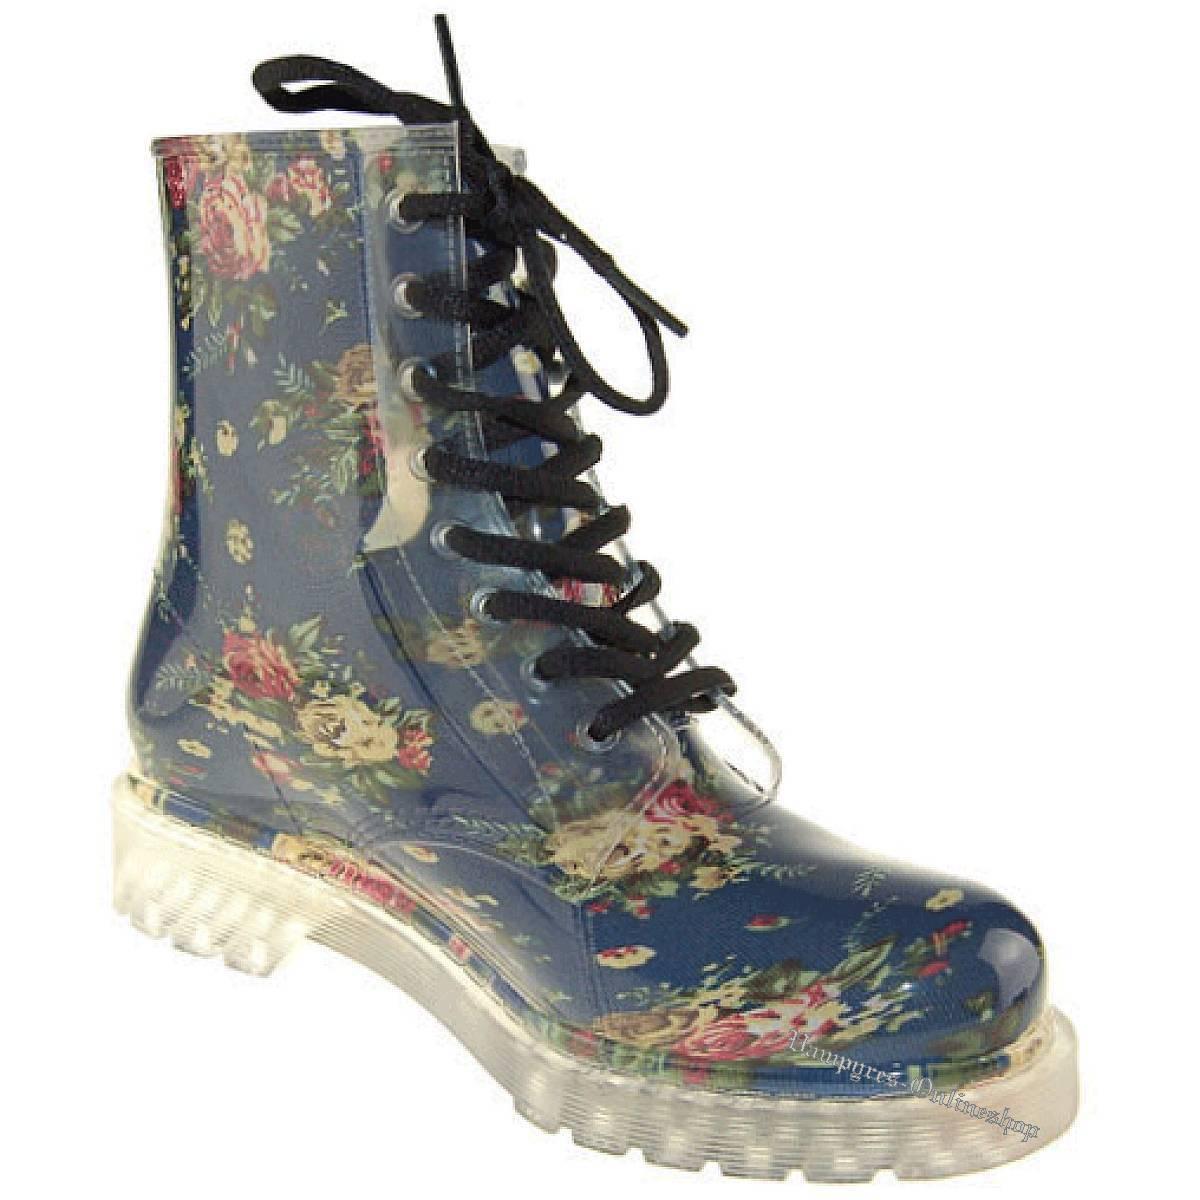 Silicone Valley Flowers Rain Boot 8-Loch Blau Gummistiefel Blumen Neu